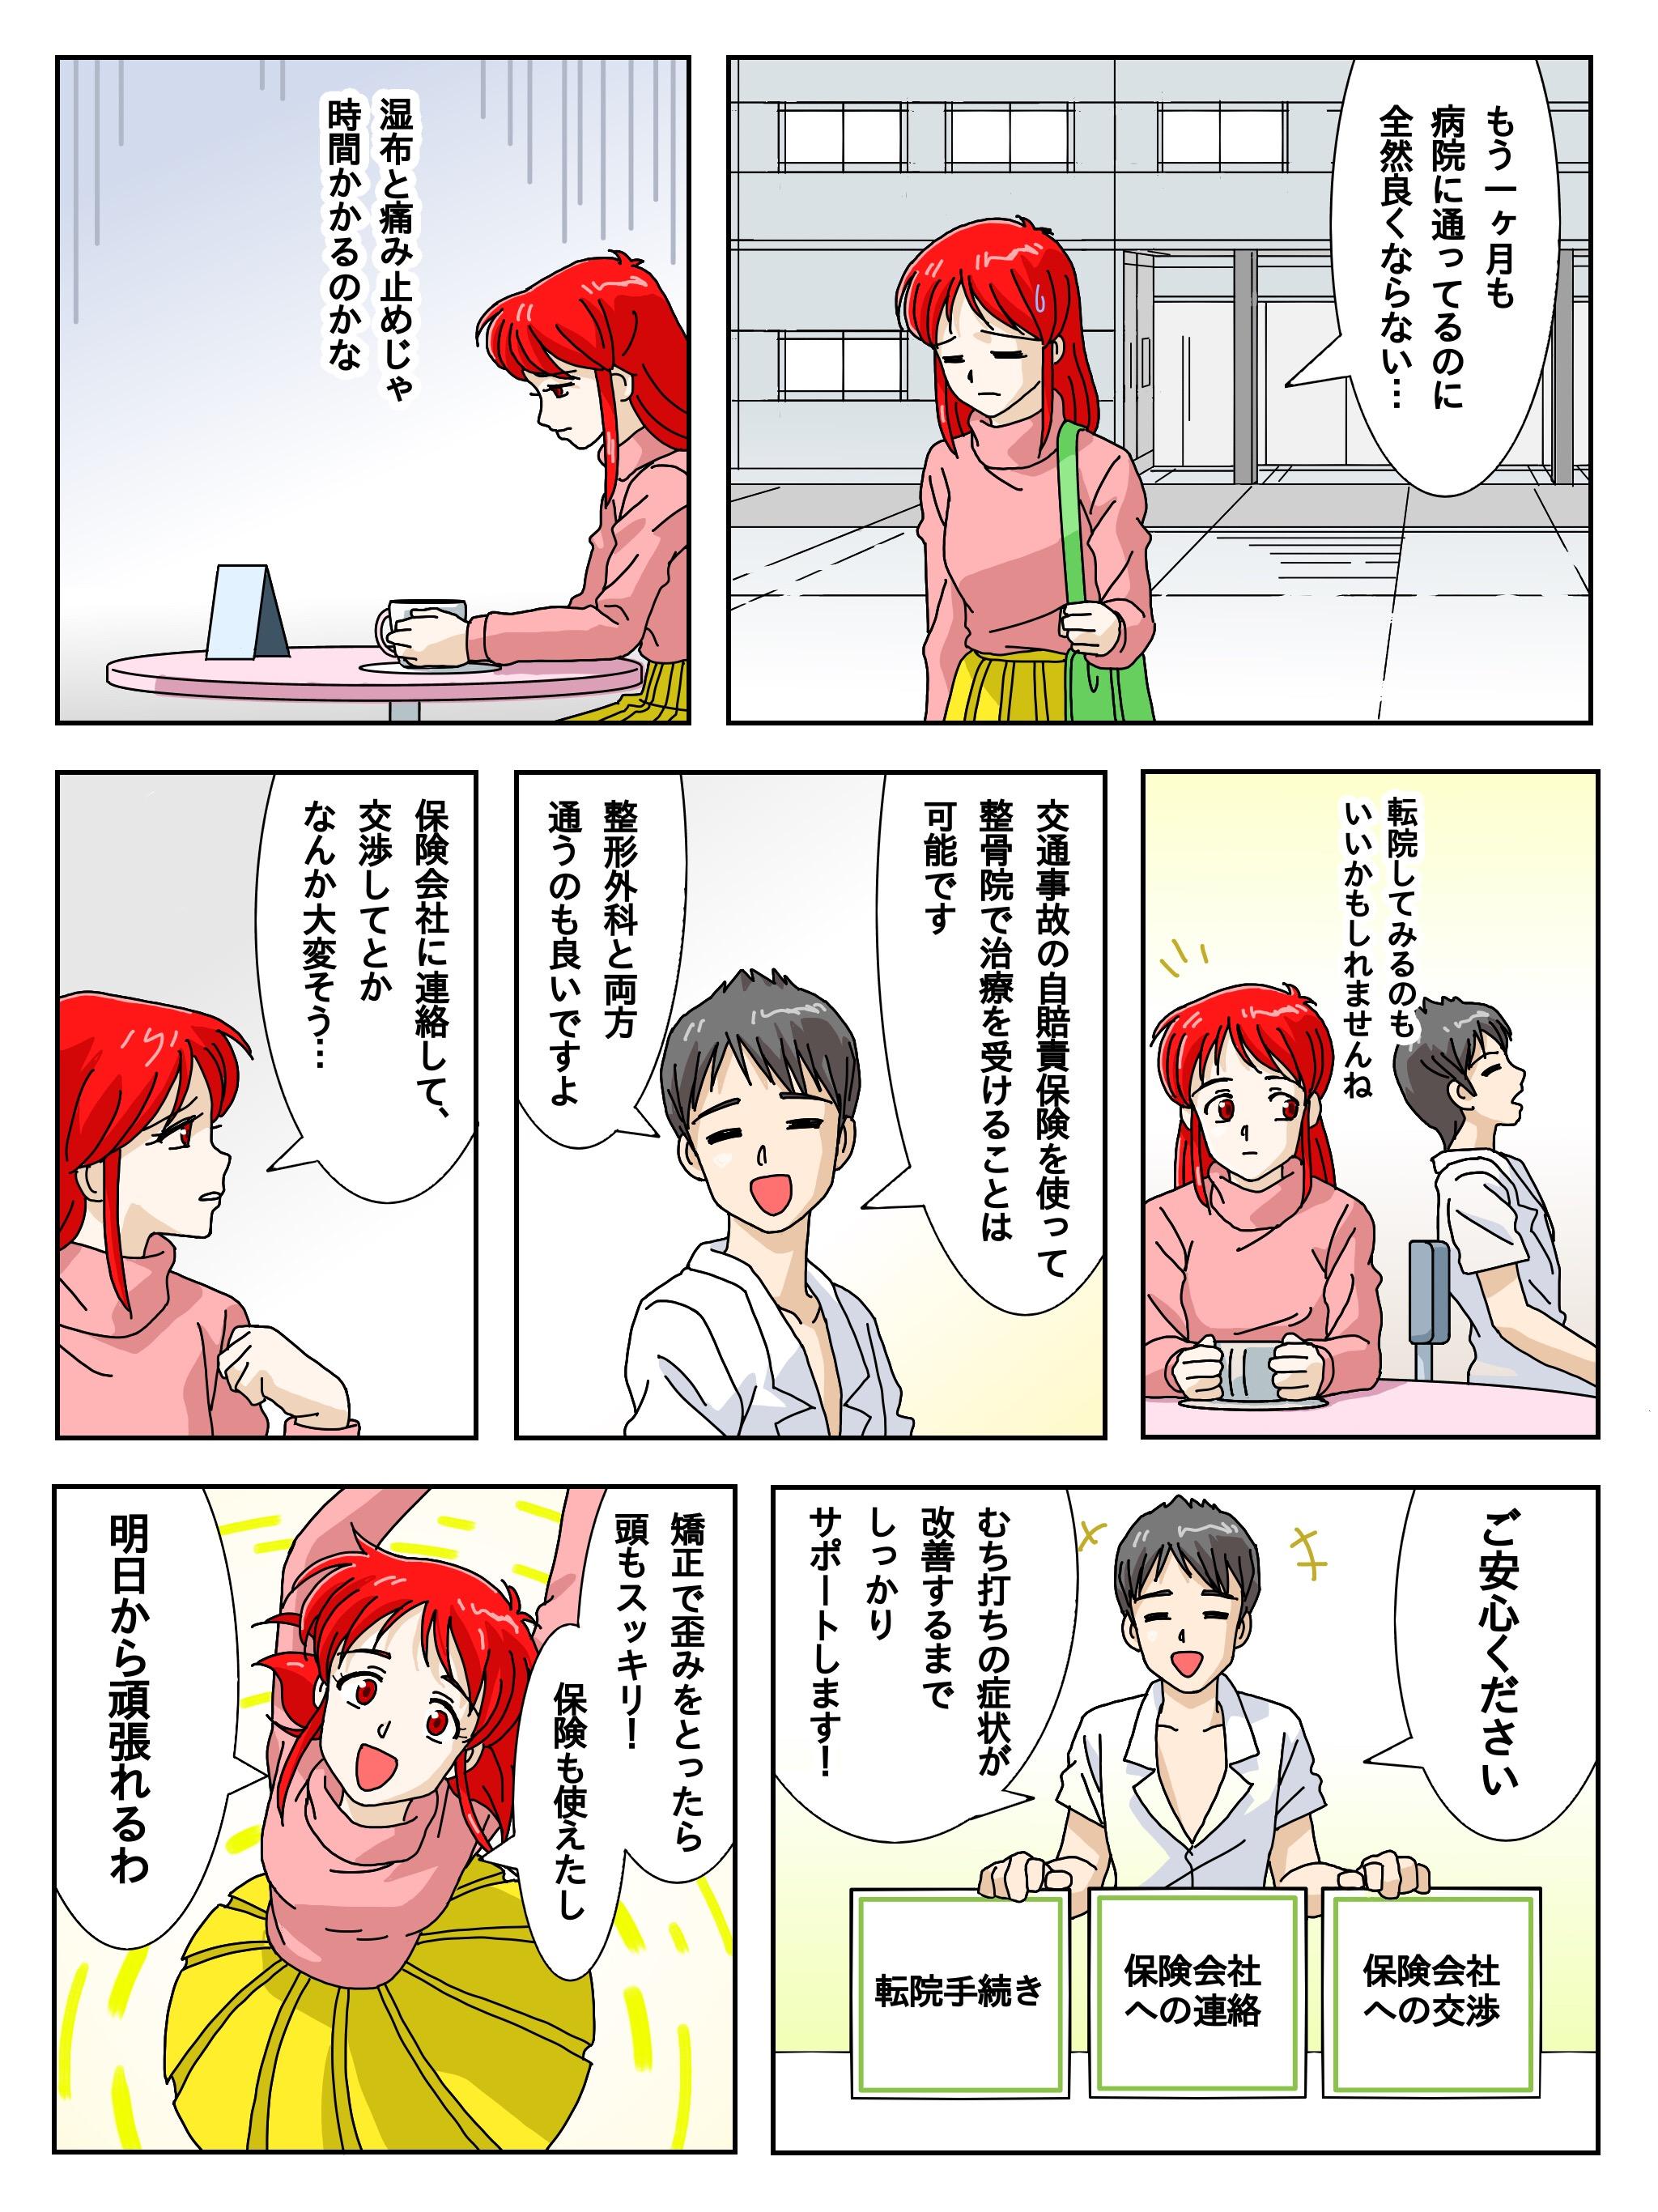 症状が改善されるまでしっかりサポートします!|太田市藪塚 おいけ接骨院